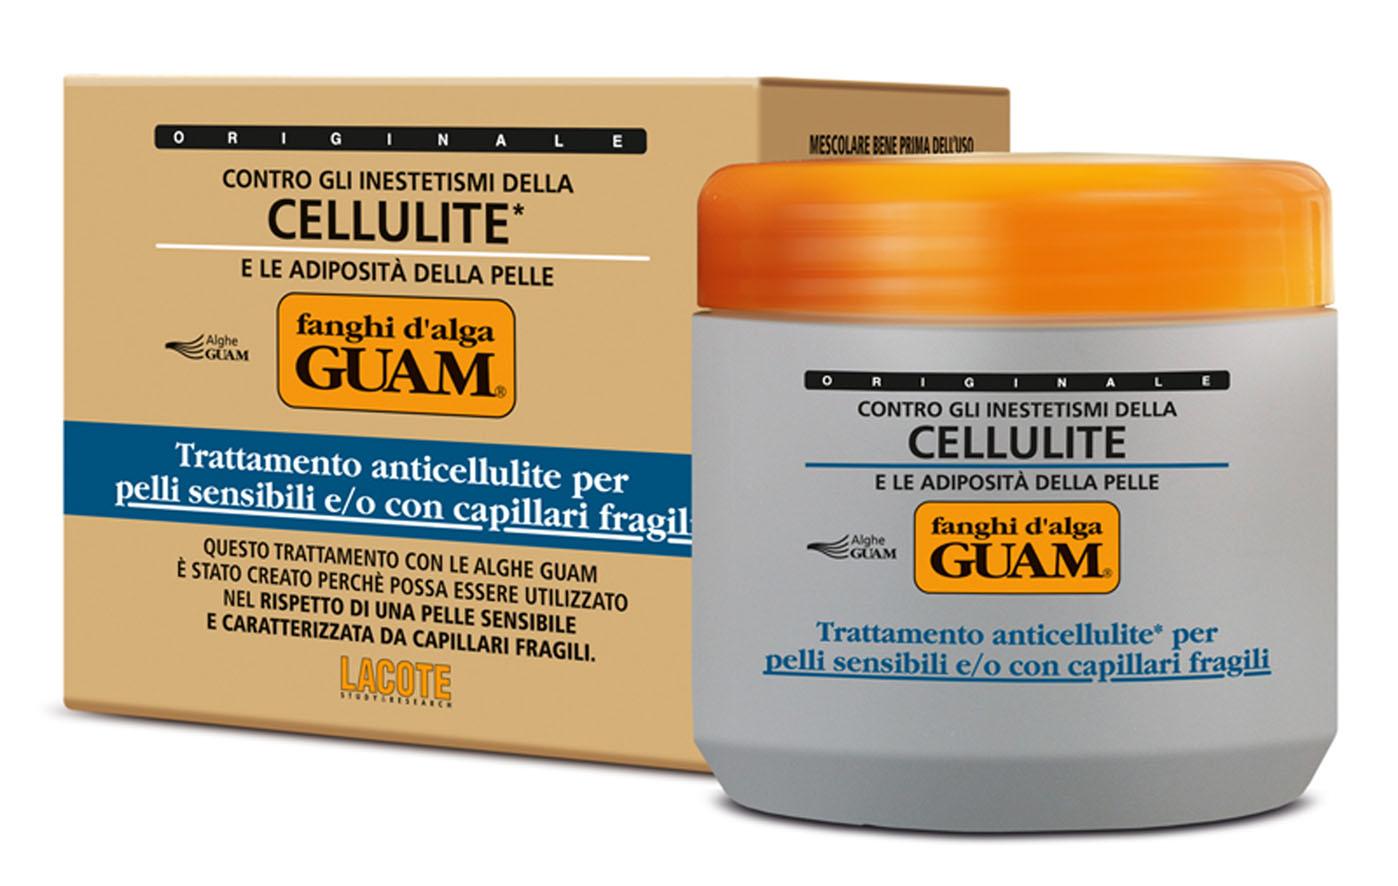 Guam Маска антицеллюлитная Fanchi Dalga для тела, для чувствительной кожи с хрупкими капиллярами, 500 млFS-00897Содержит инновационный липолитический комплекс Glicoxantine двойного действия: уменьшает локальные жировые отложения и устраняет целлюлит. Благодаря активным компонентам обладает антиоксидантным действием, усиливает микроциркуляцию, способствует выводу межклеточной жидкости, подтягивает и выравнивает кожный рельеф. Укрепляет сосуды и обеспечивает длительное увлажнение кожи. Идеальное средство для чувствительной кожи при проблемах с сосудами на ногах.Товар сертифицирован.